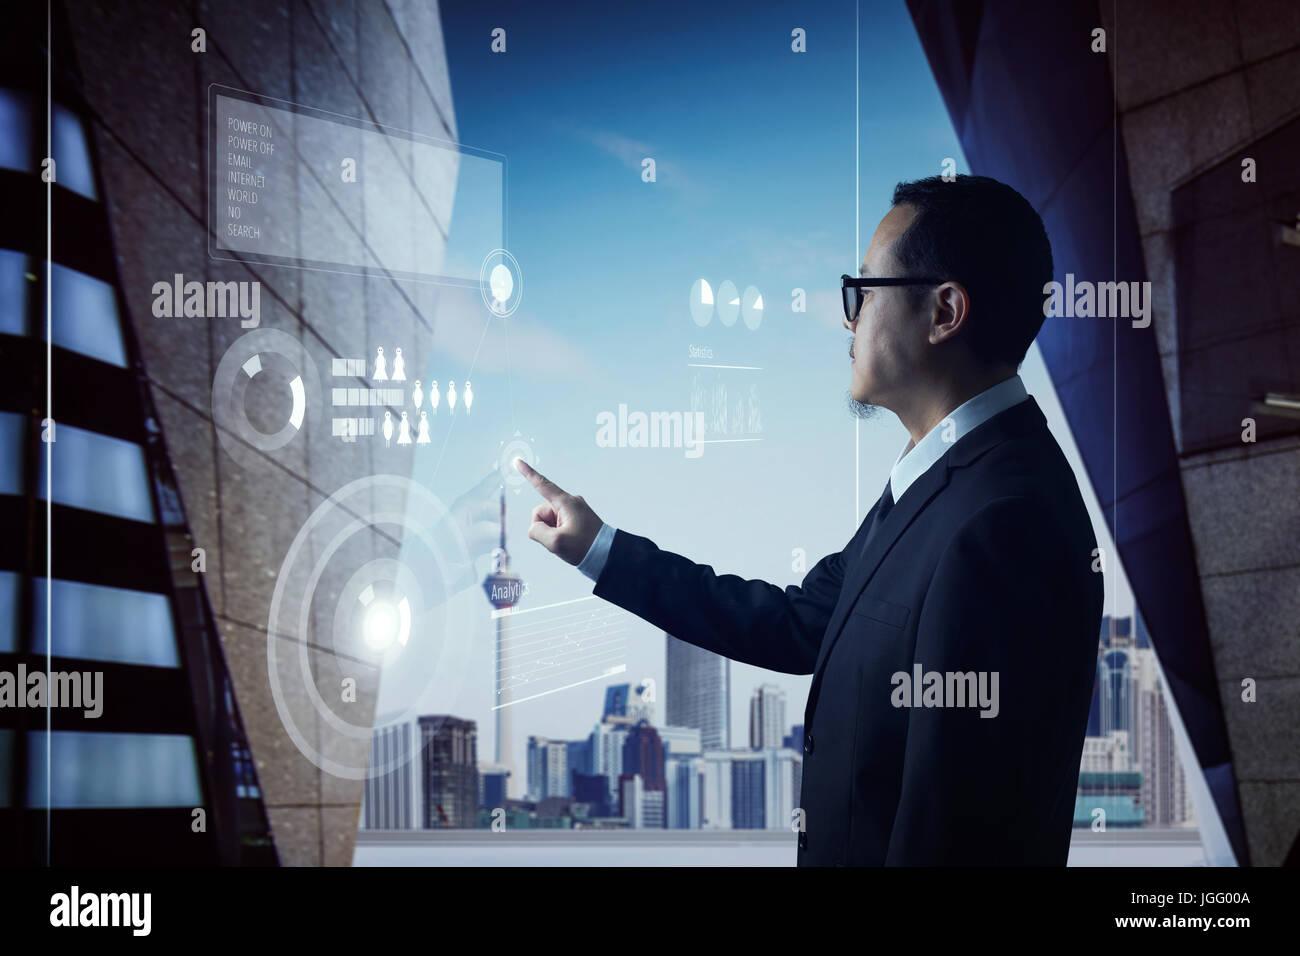 Homme d'affaires intelligent en utilisant les technologies modernes de l'analyste marketing et finance, de plus Banque D'Images